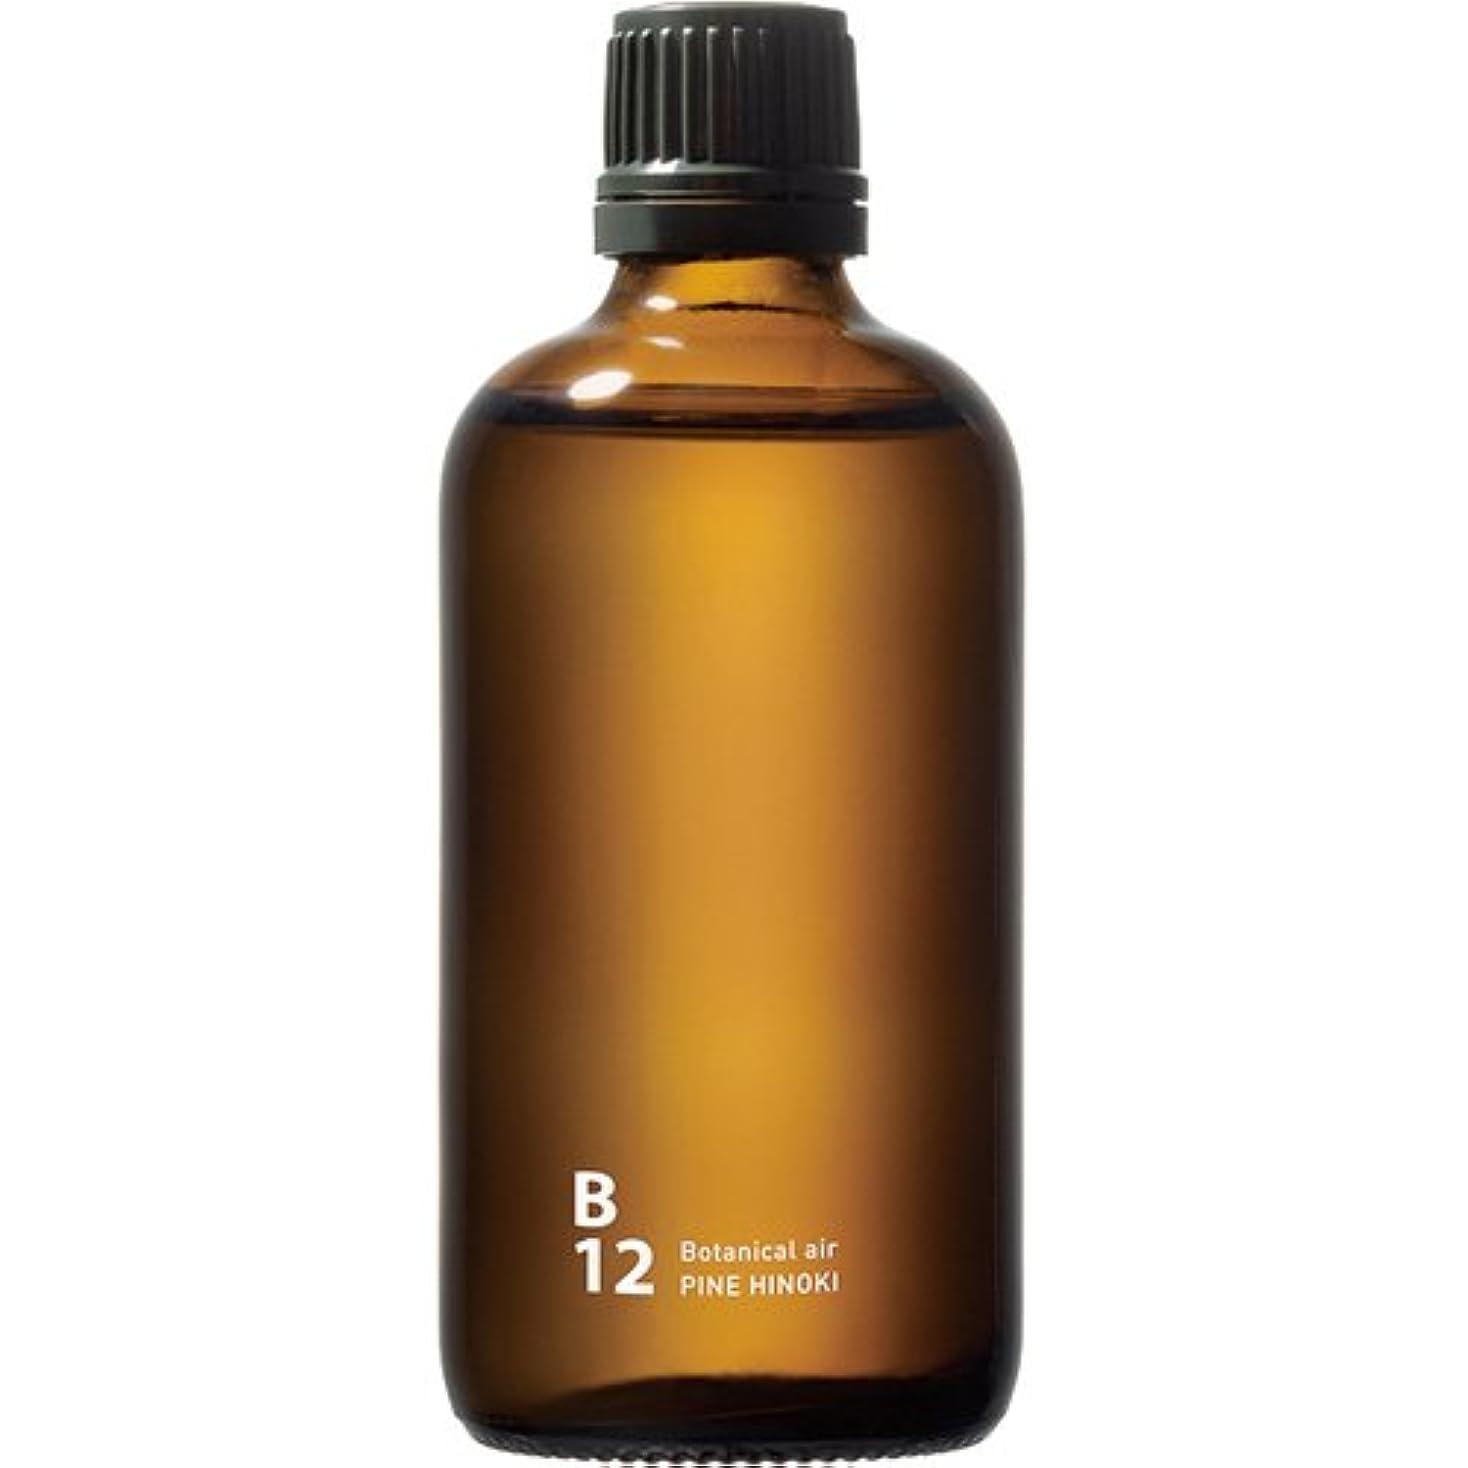 慈悲深いセブンのヒープB12 PINE HINOKI piezo aroma oil 100ml